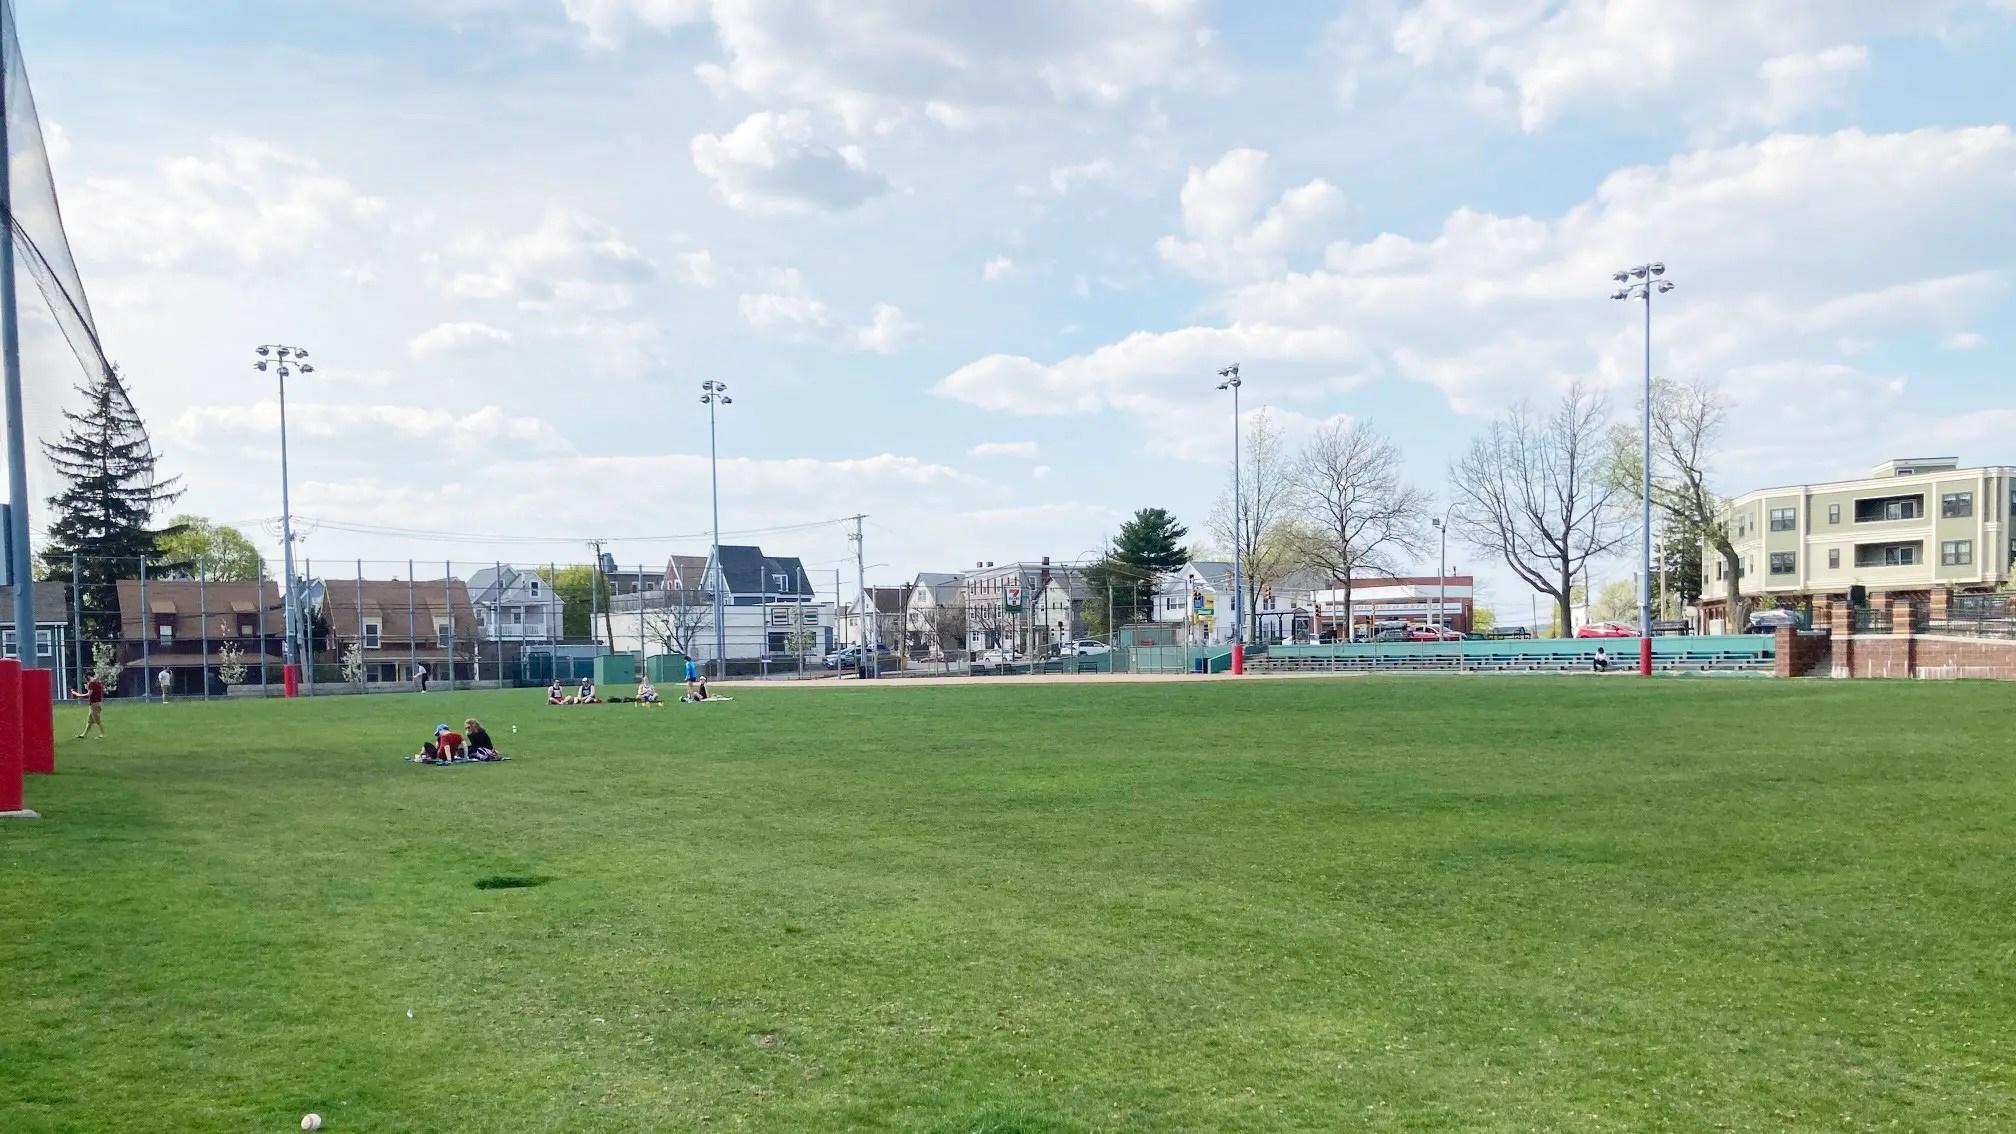 Trum Field Somerville